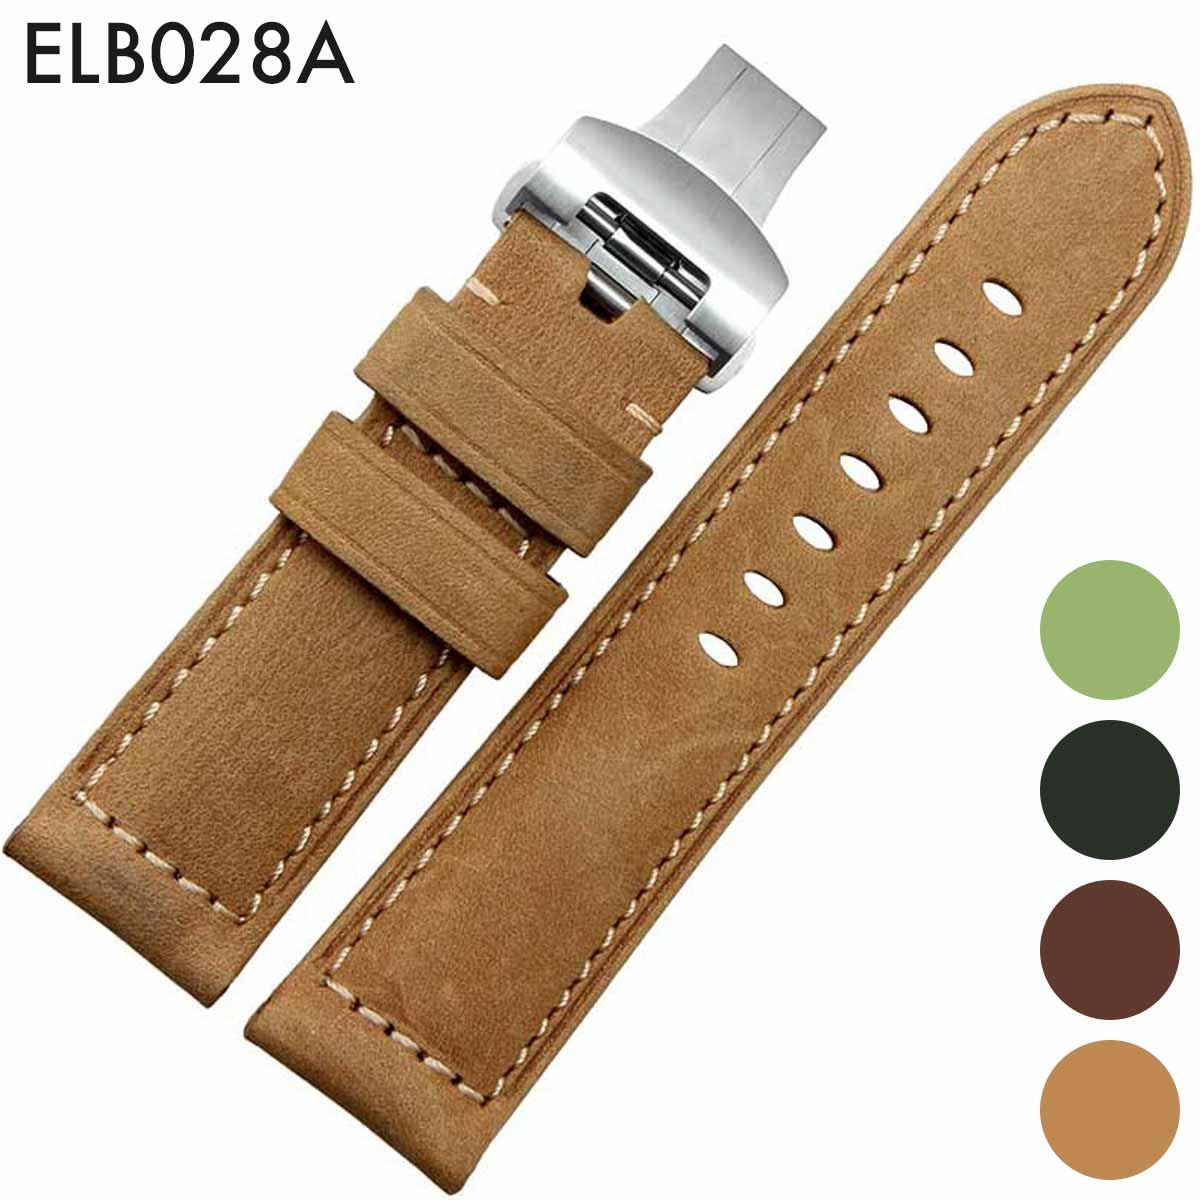 腕時計ベルト 腕時計バンド 替えストラップ 社外品 汎用レザーベルト 革ベルト 取付幅22mm/24mm/26mm 適用: パネライ [PAM111 312] (尾錠)Dバックル付き [ Eight - ELB028A ]